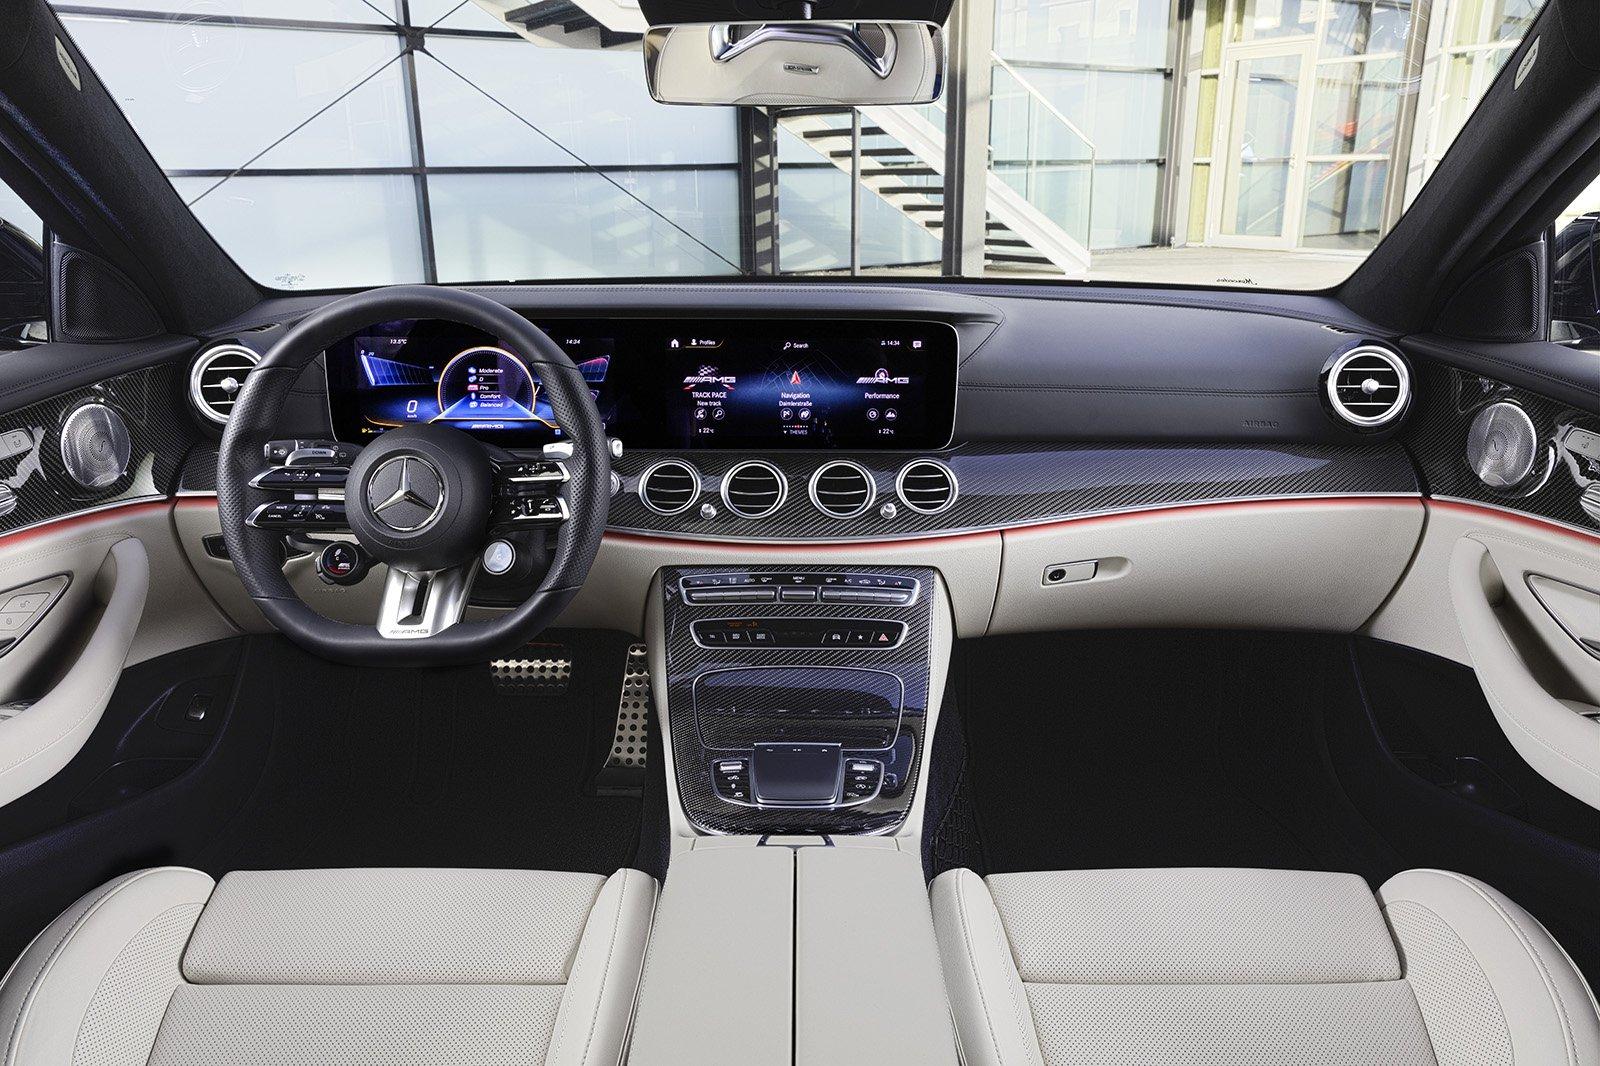 Mercedes E Class 2020 RHD dashboard